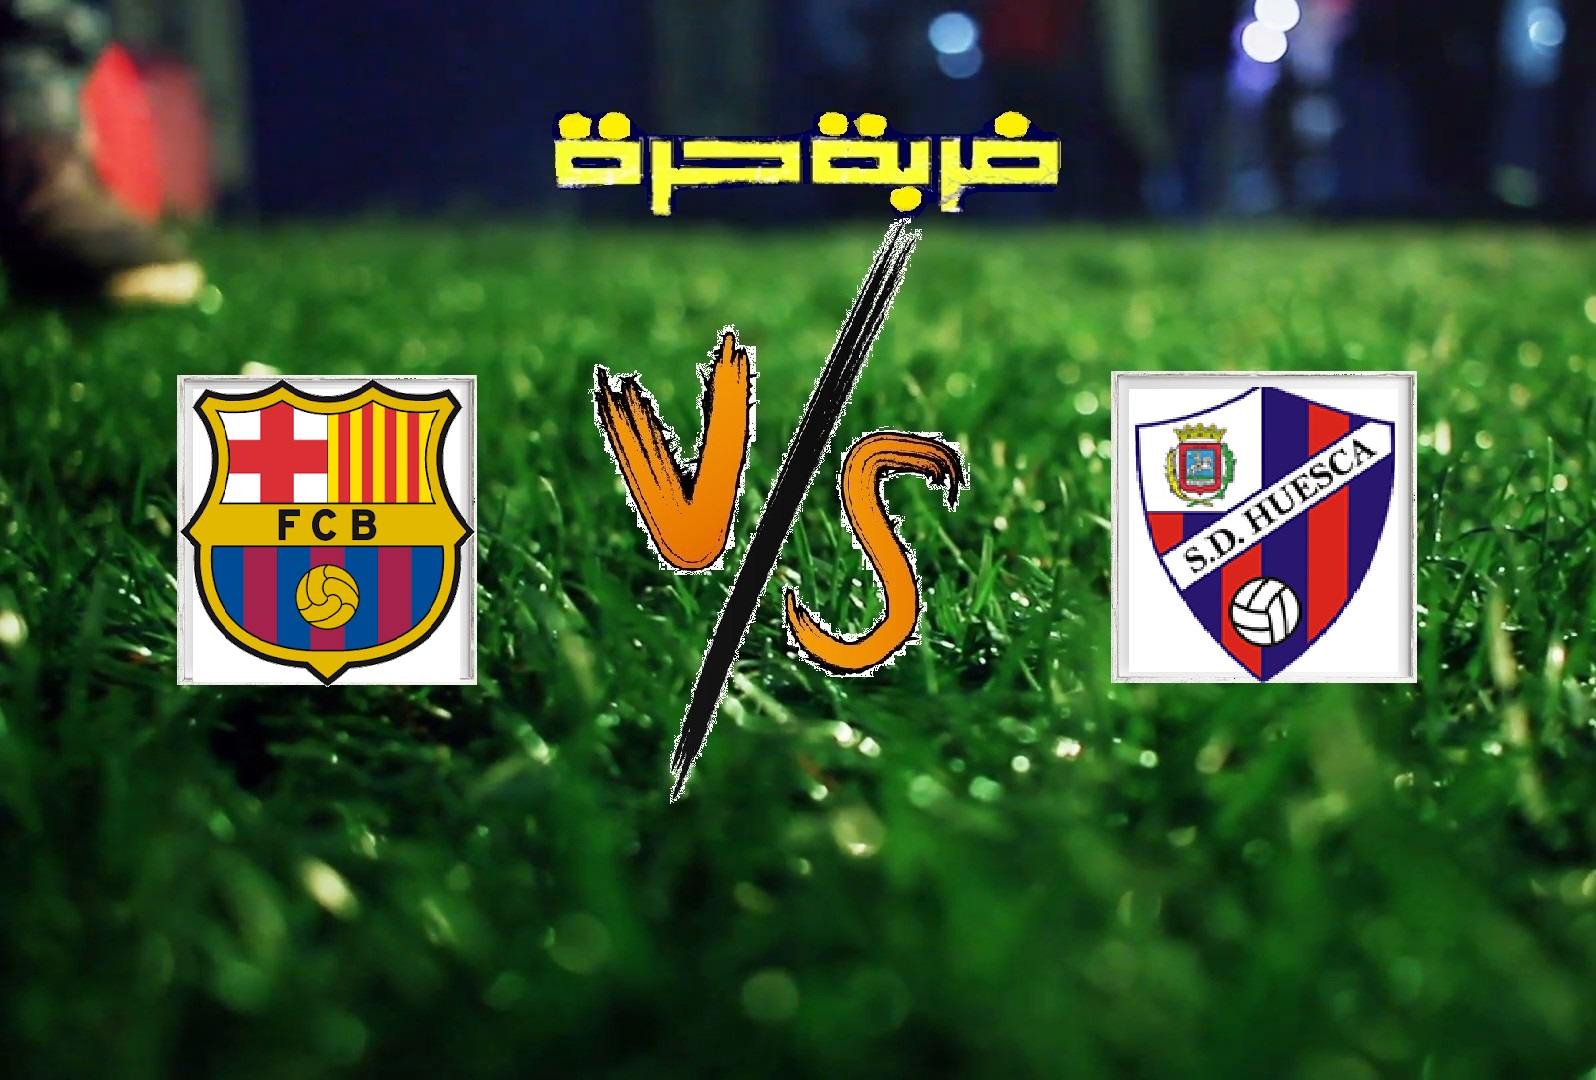 ملخص مباراة برشلونة وهويسكا اليوم السبت بتاريخ 13-04-2019 الدوري الاسباني